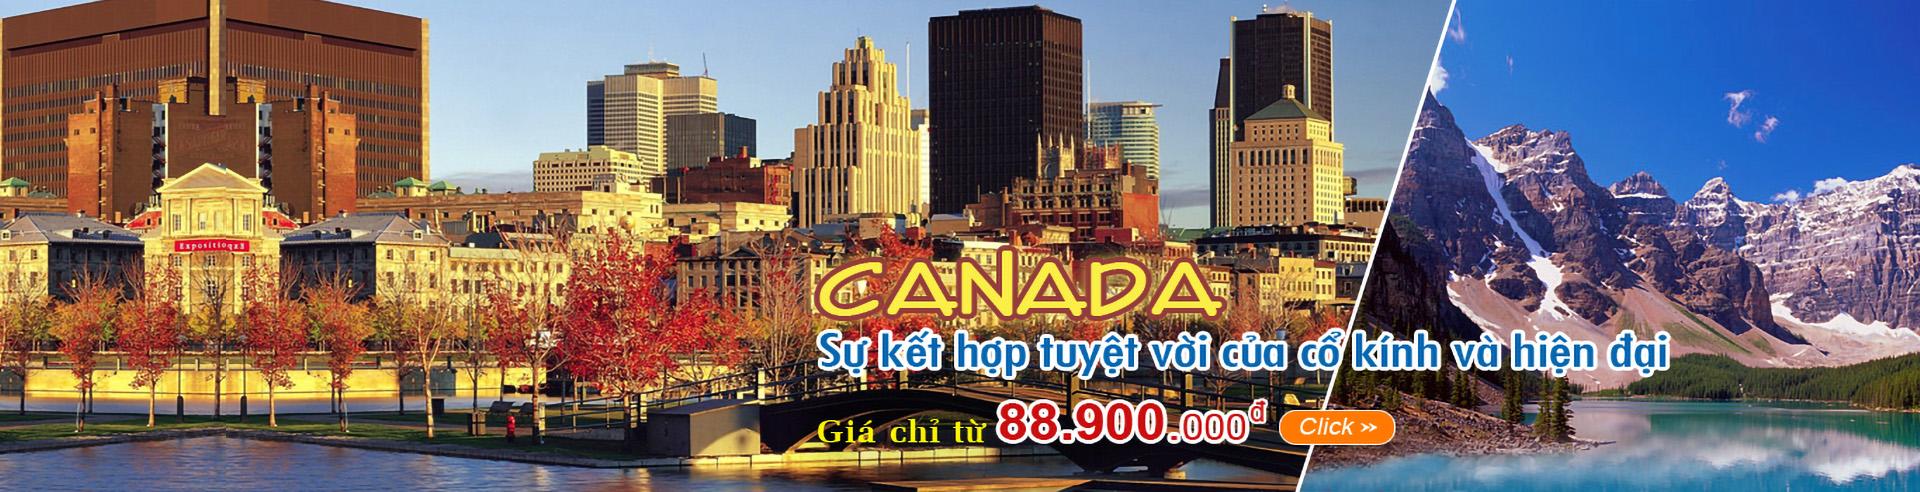 Canada: Sự kết hợp tuyệt vời